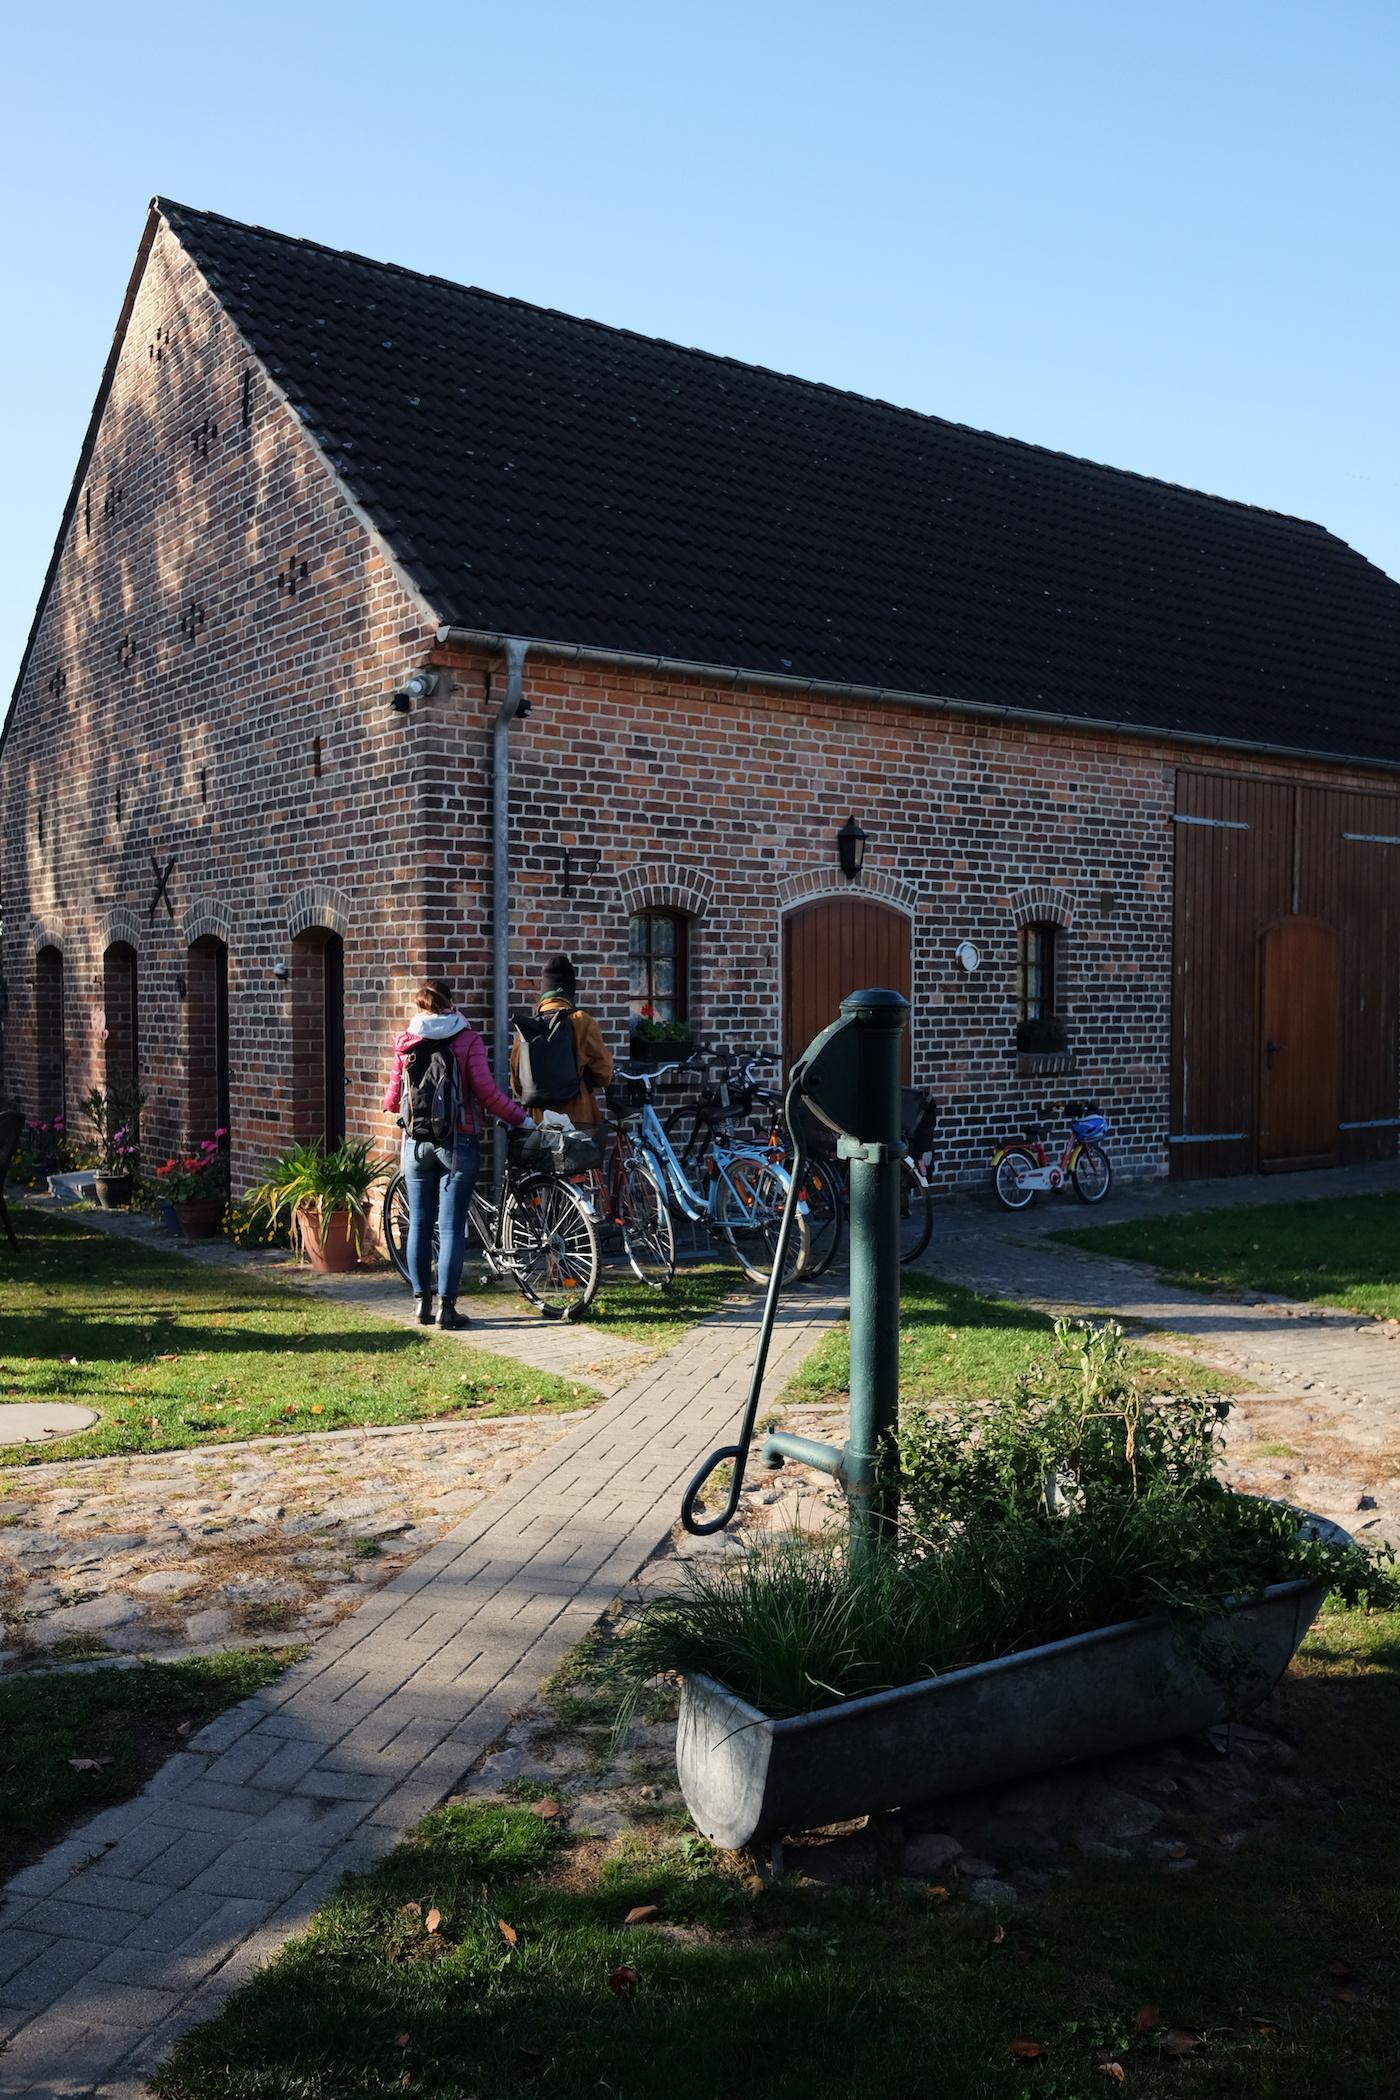 Beeskow__Sauen_wecyclebrandenburg9.JPG